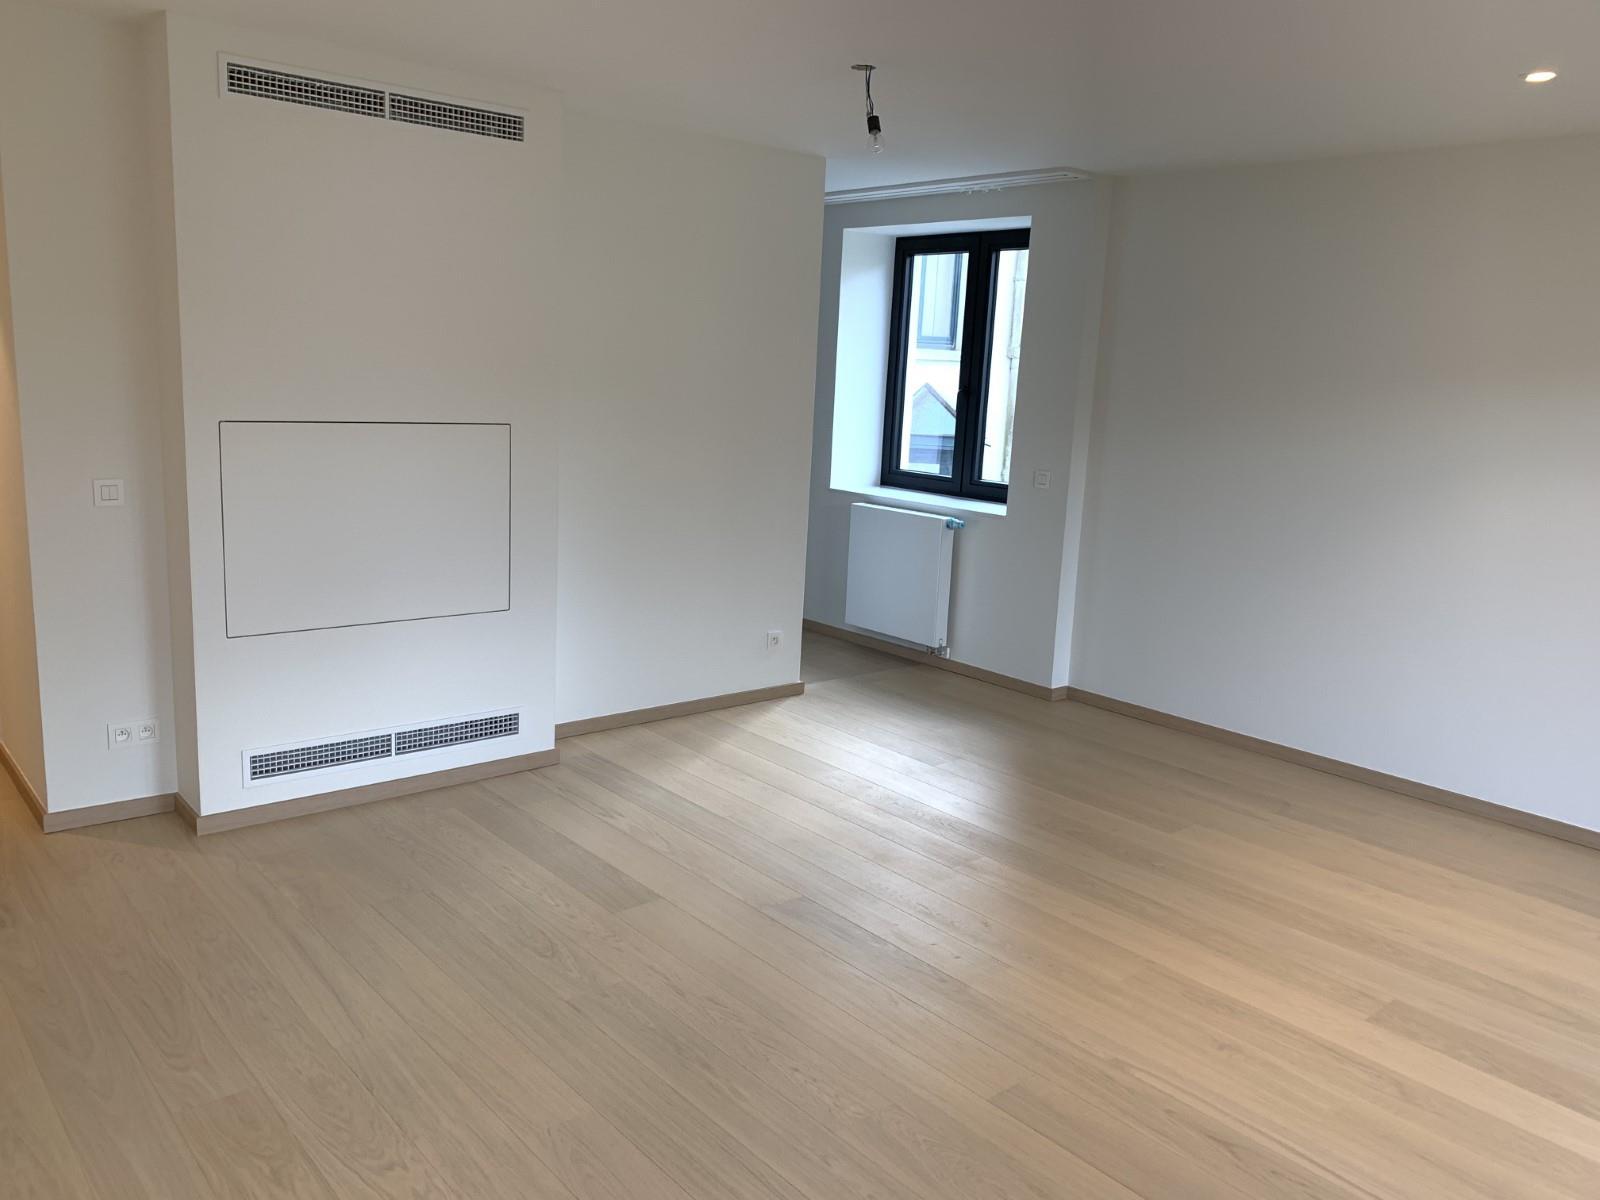 Uitzonderlijk appartement - Ixelles - #3915781-1